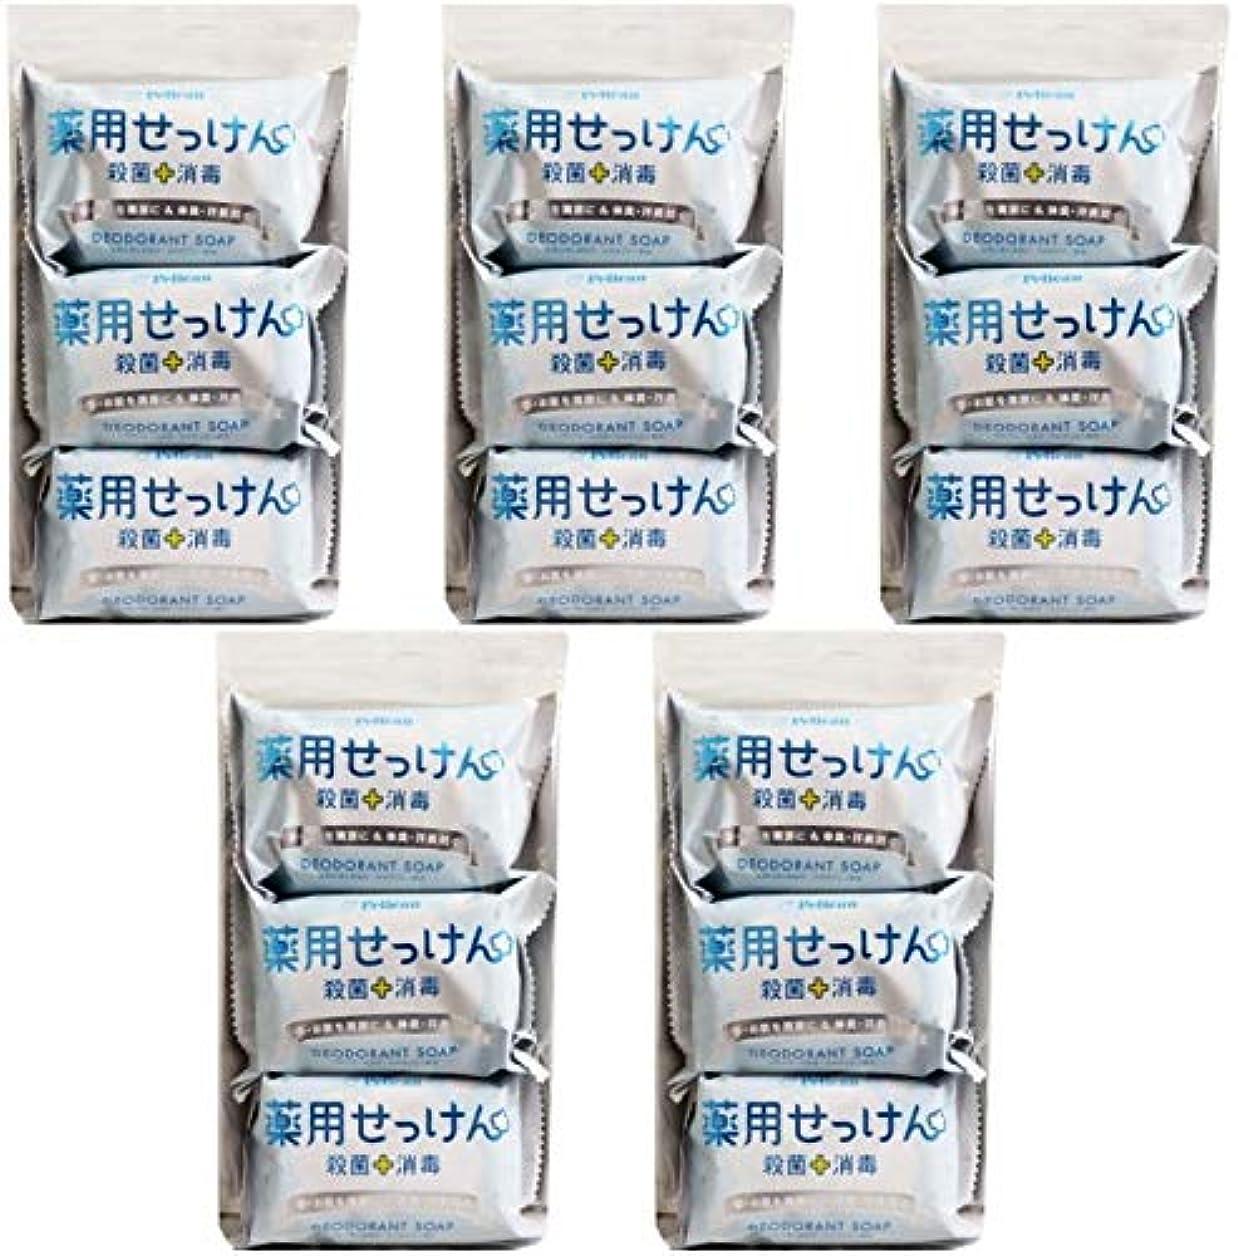 ワーム用量精緻化【まとめ買い】ペリカン石鹸 薬用せっけん 85g×3個【×5個】